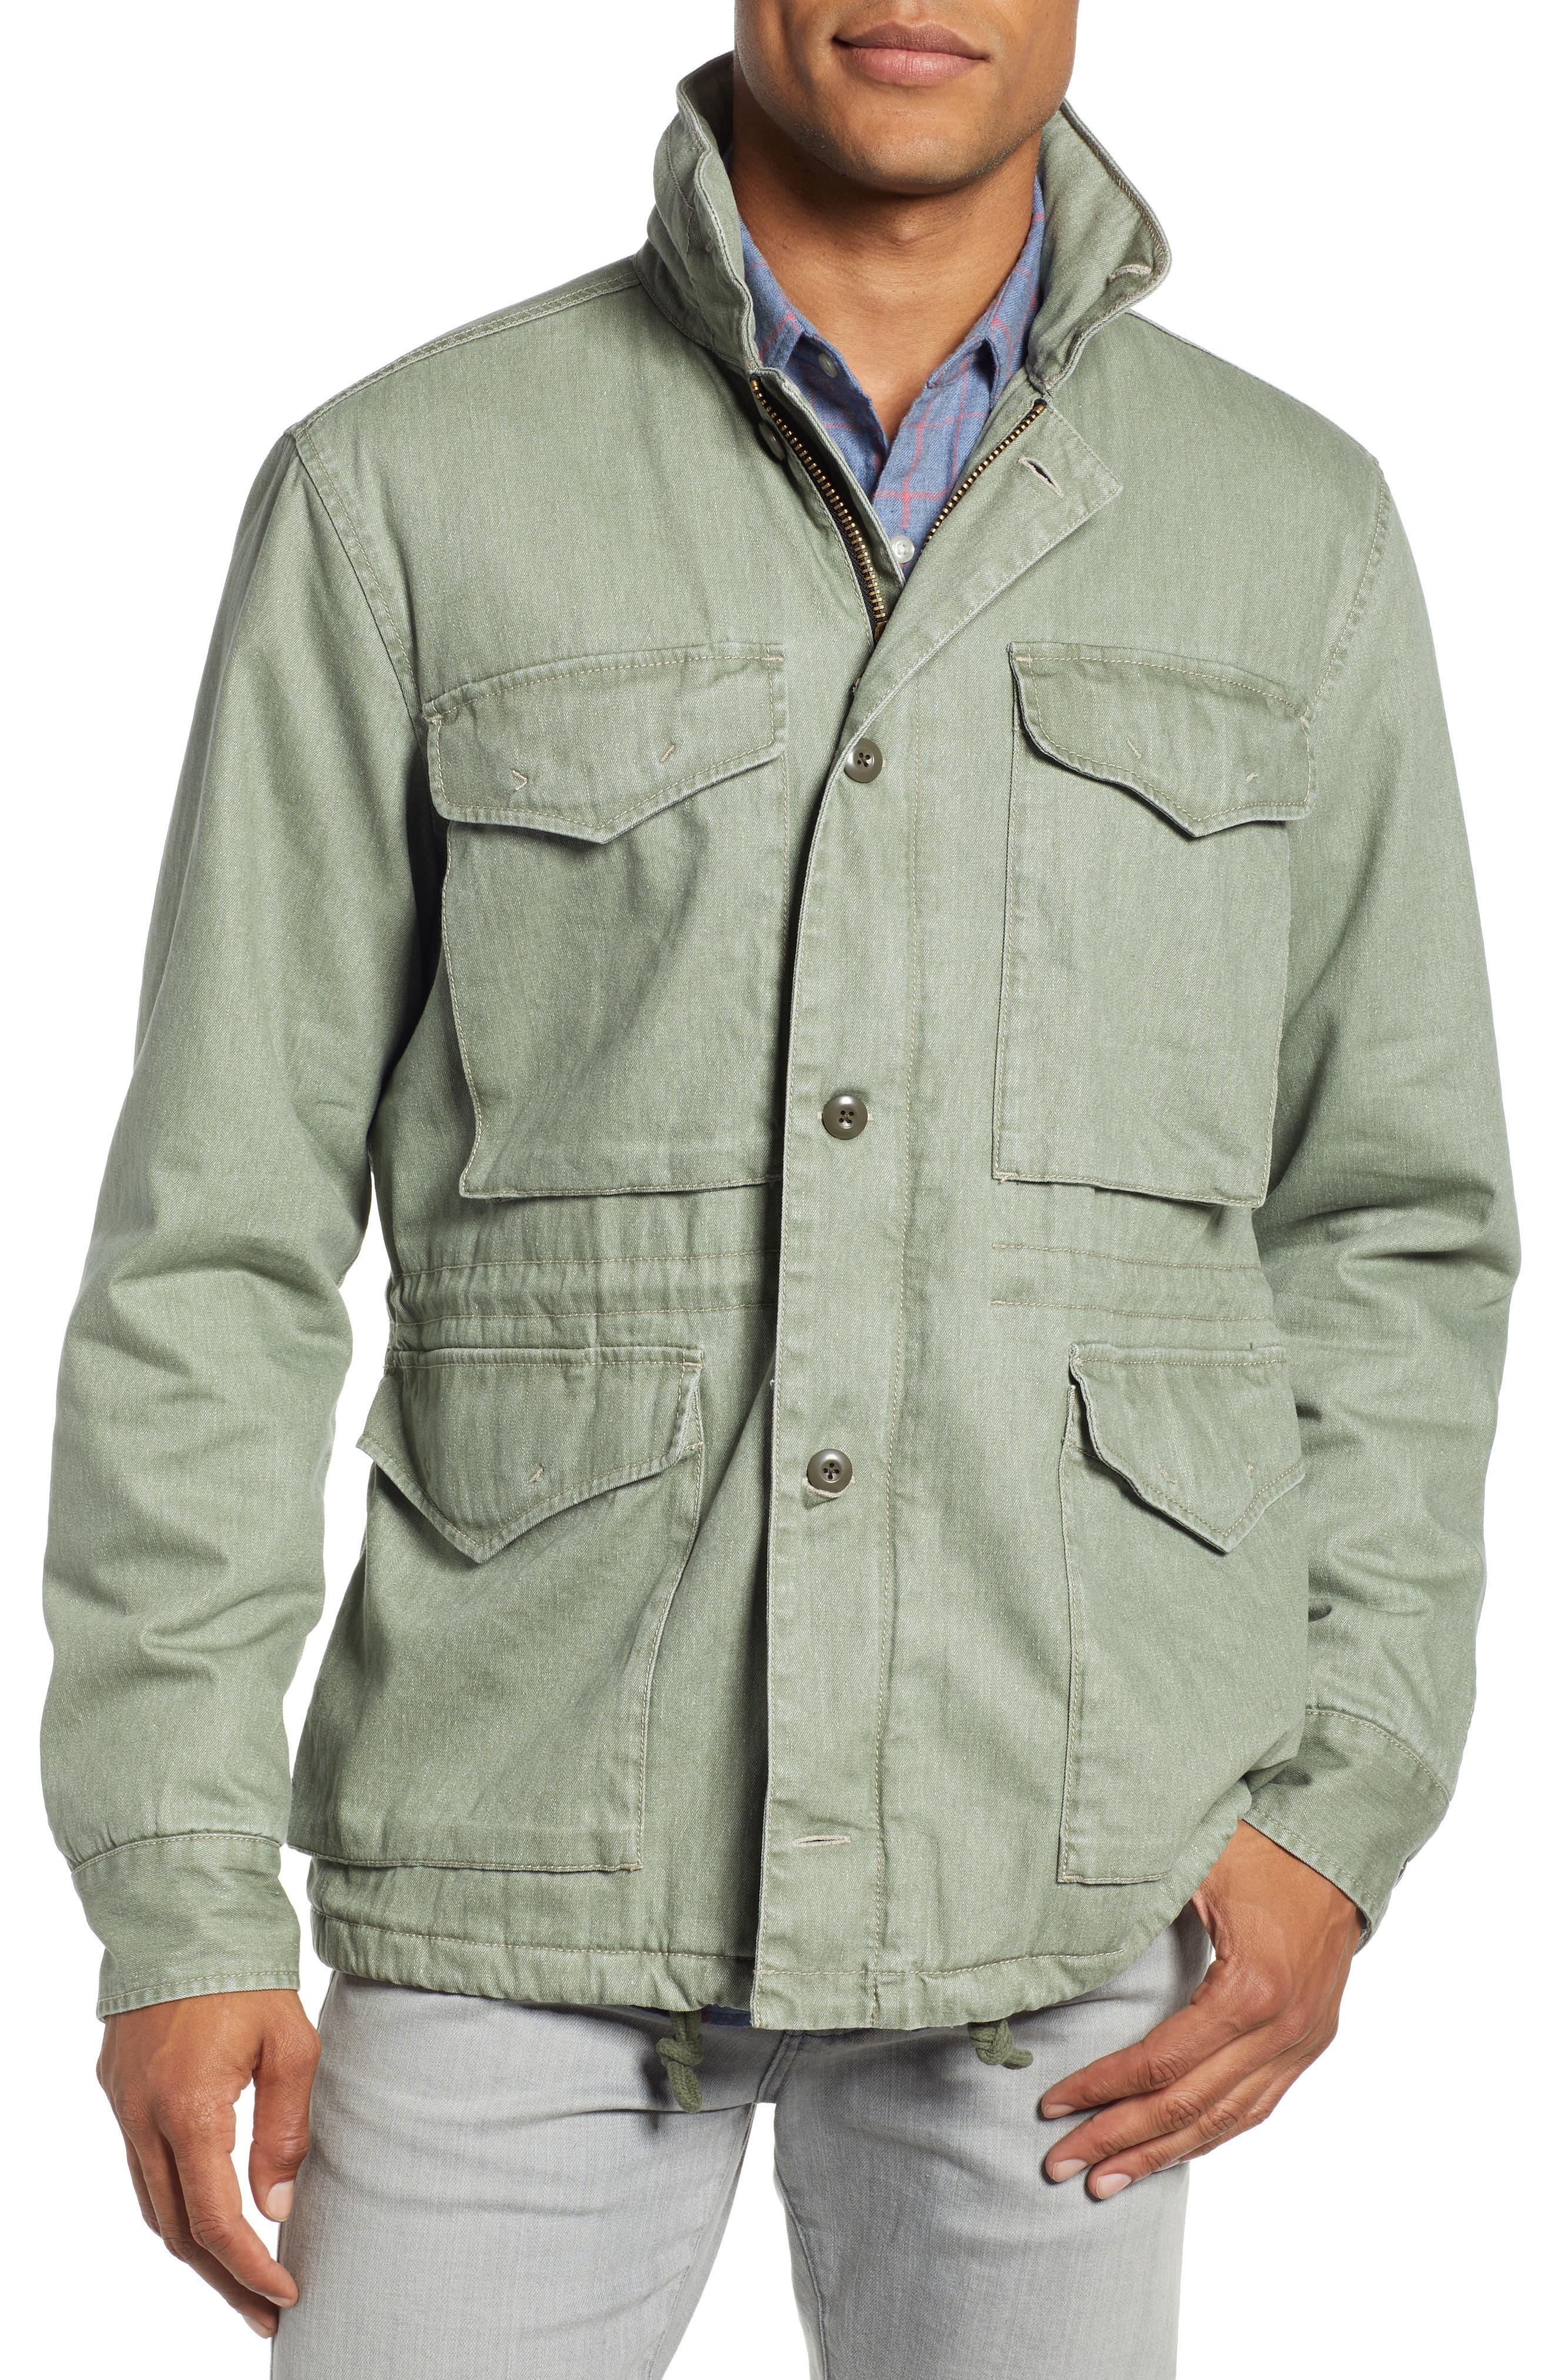 Vintage M-65 Jacket,                             Alternate thumbnail 4, color,                             OLIVE